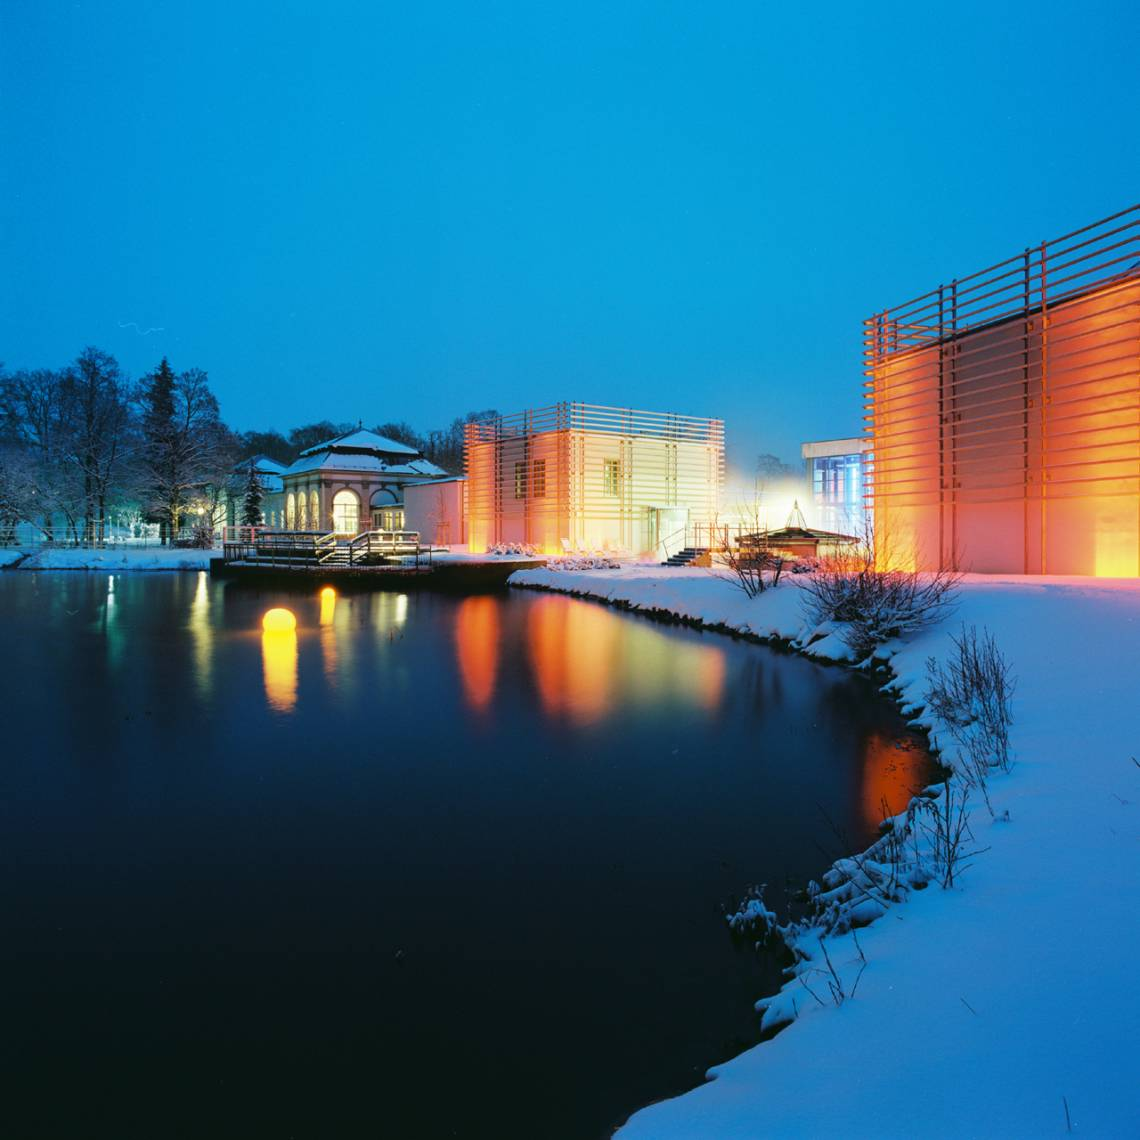 Bad-Steben/Kurpark-winter